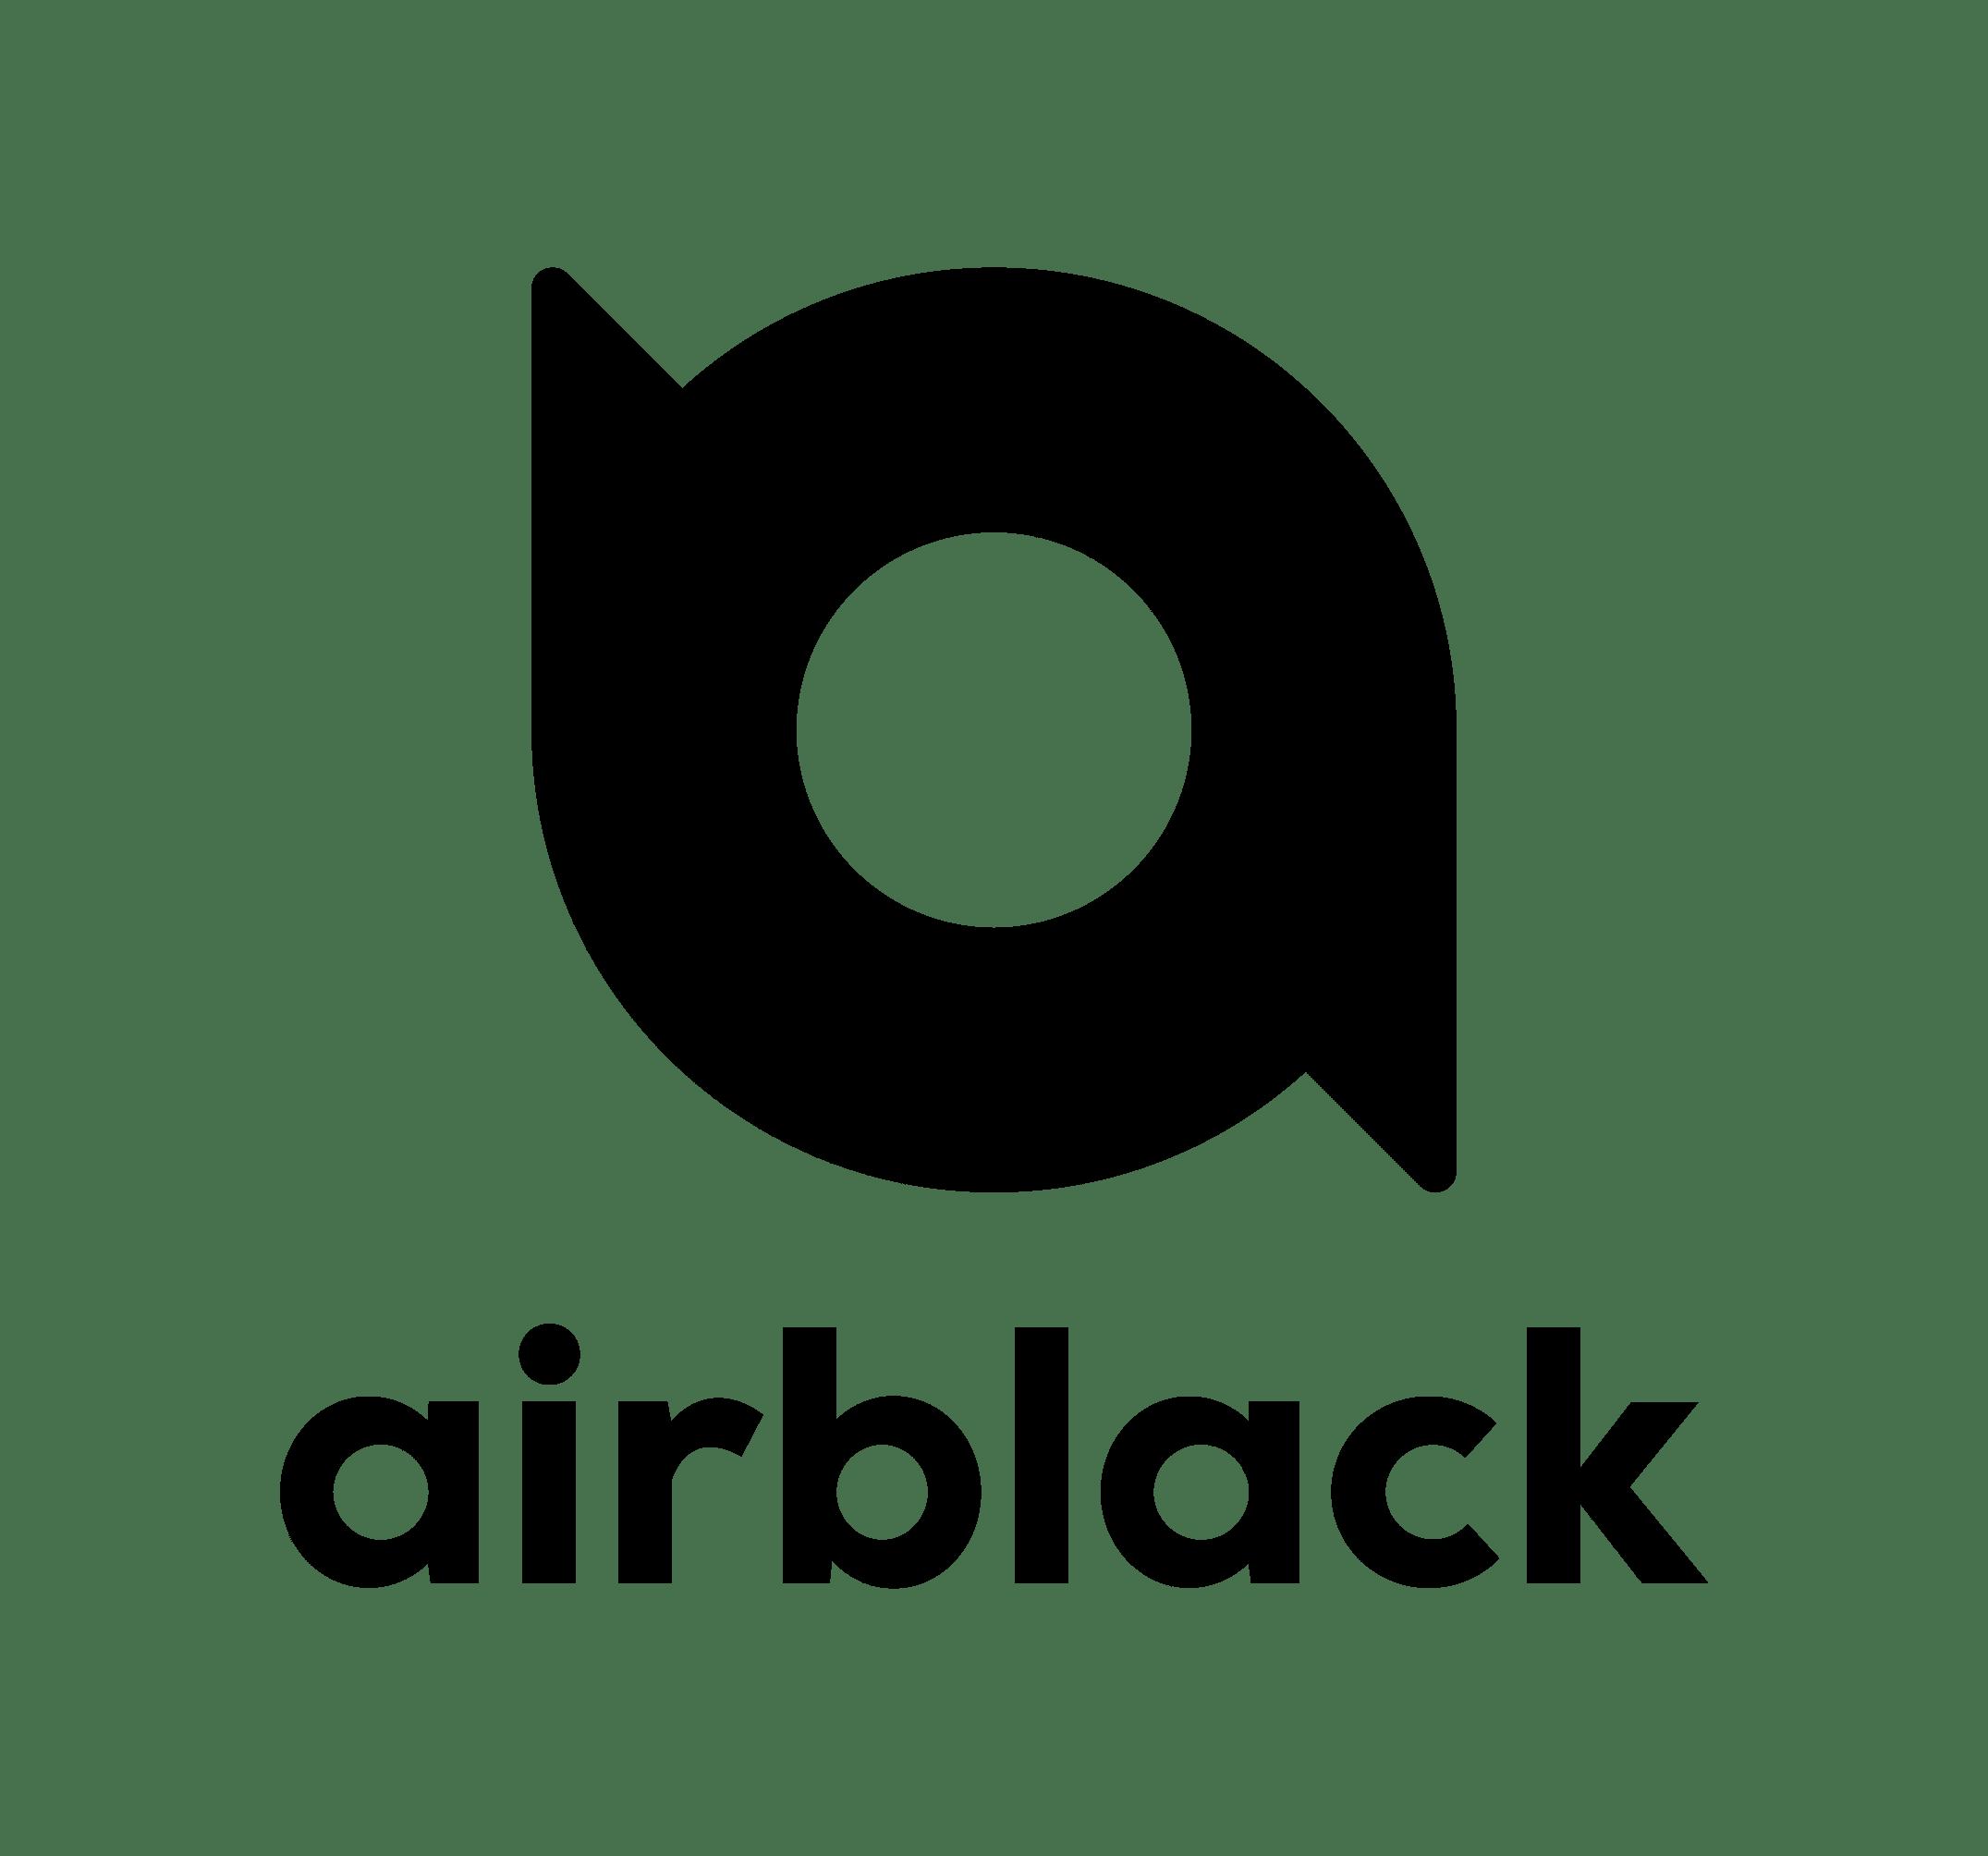 Airblack icon